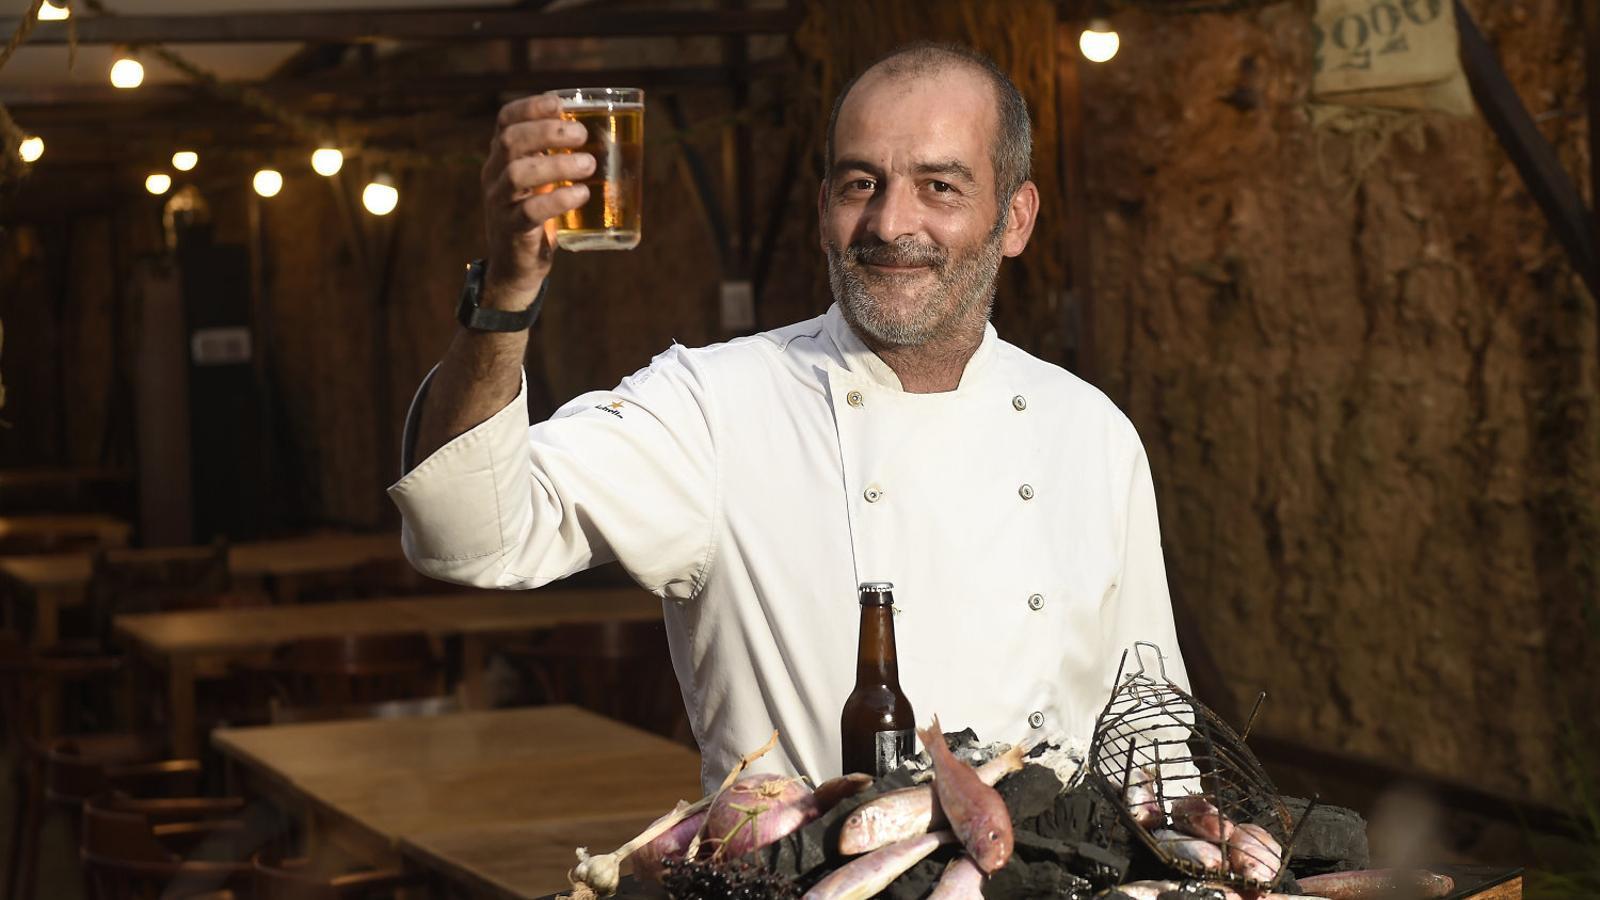 Albert Marimon, cuiner del restaurant La Cava, de Tàrrega, utilitza cervesa per elaborar diferents plats com la sípia amb verdura o els molls a la brasa.